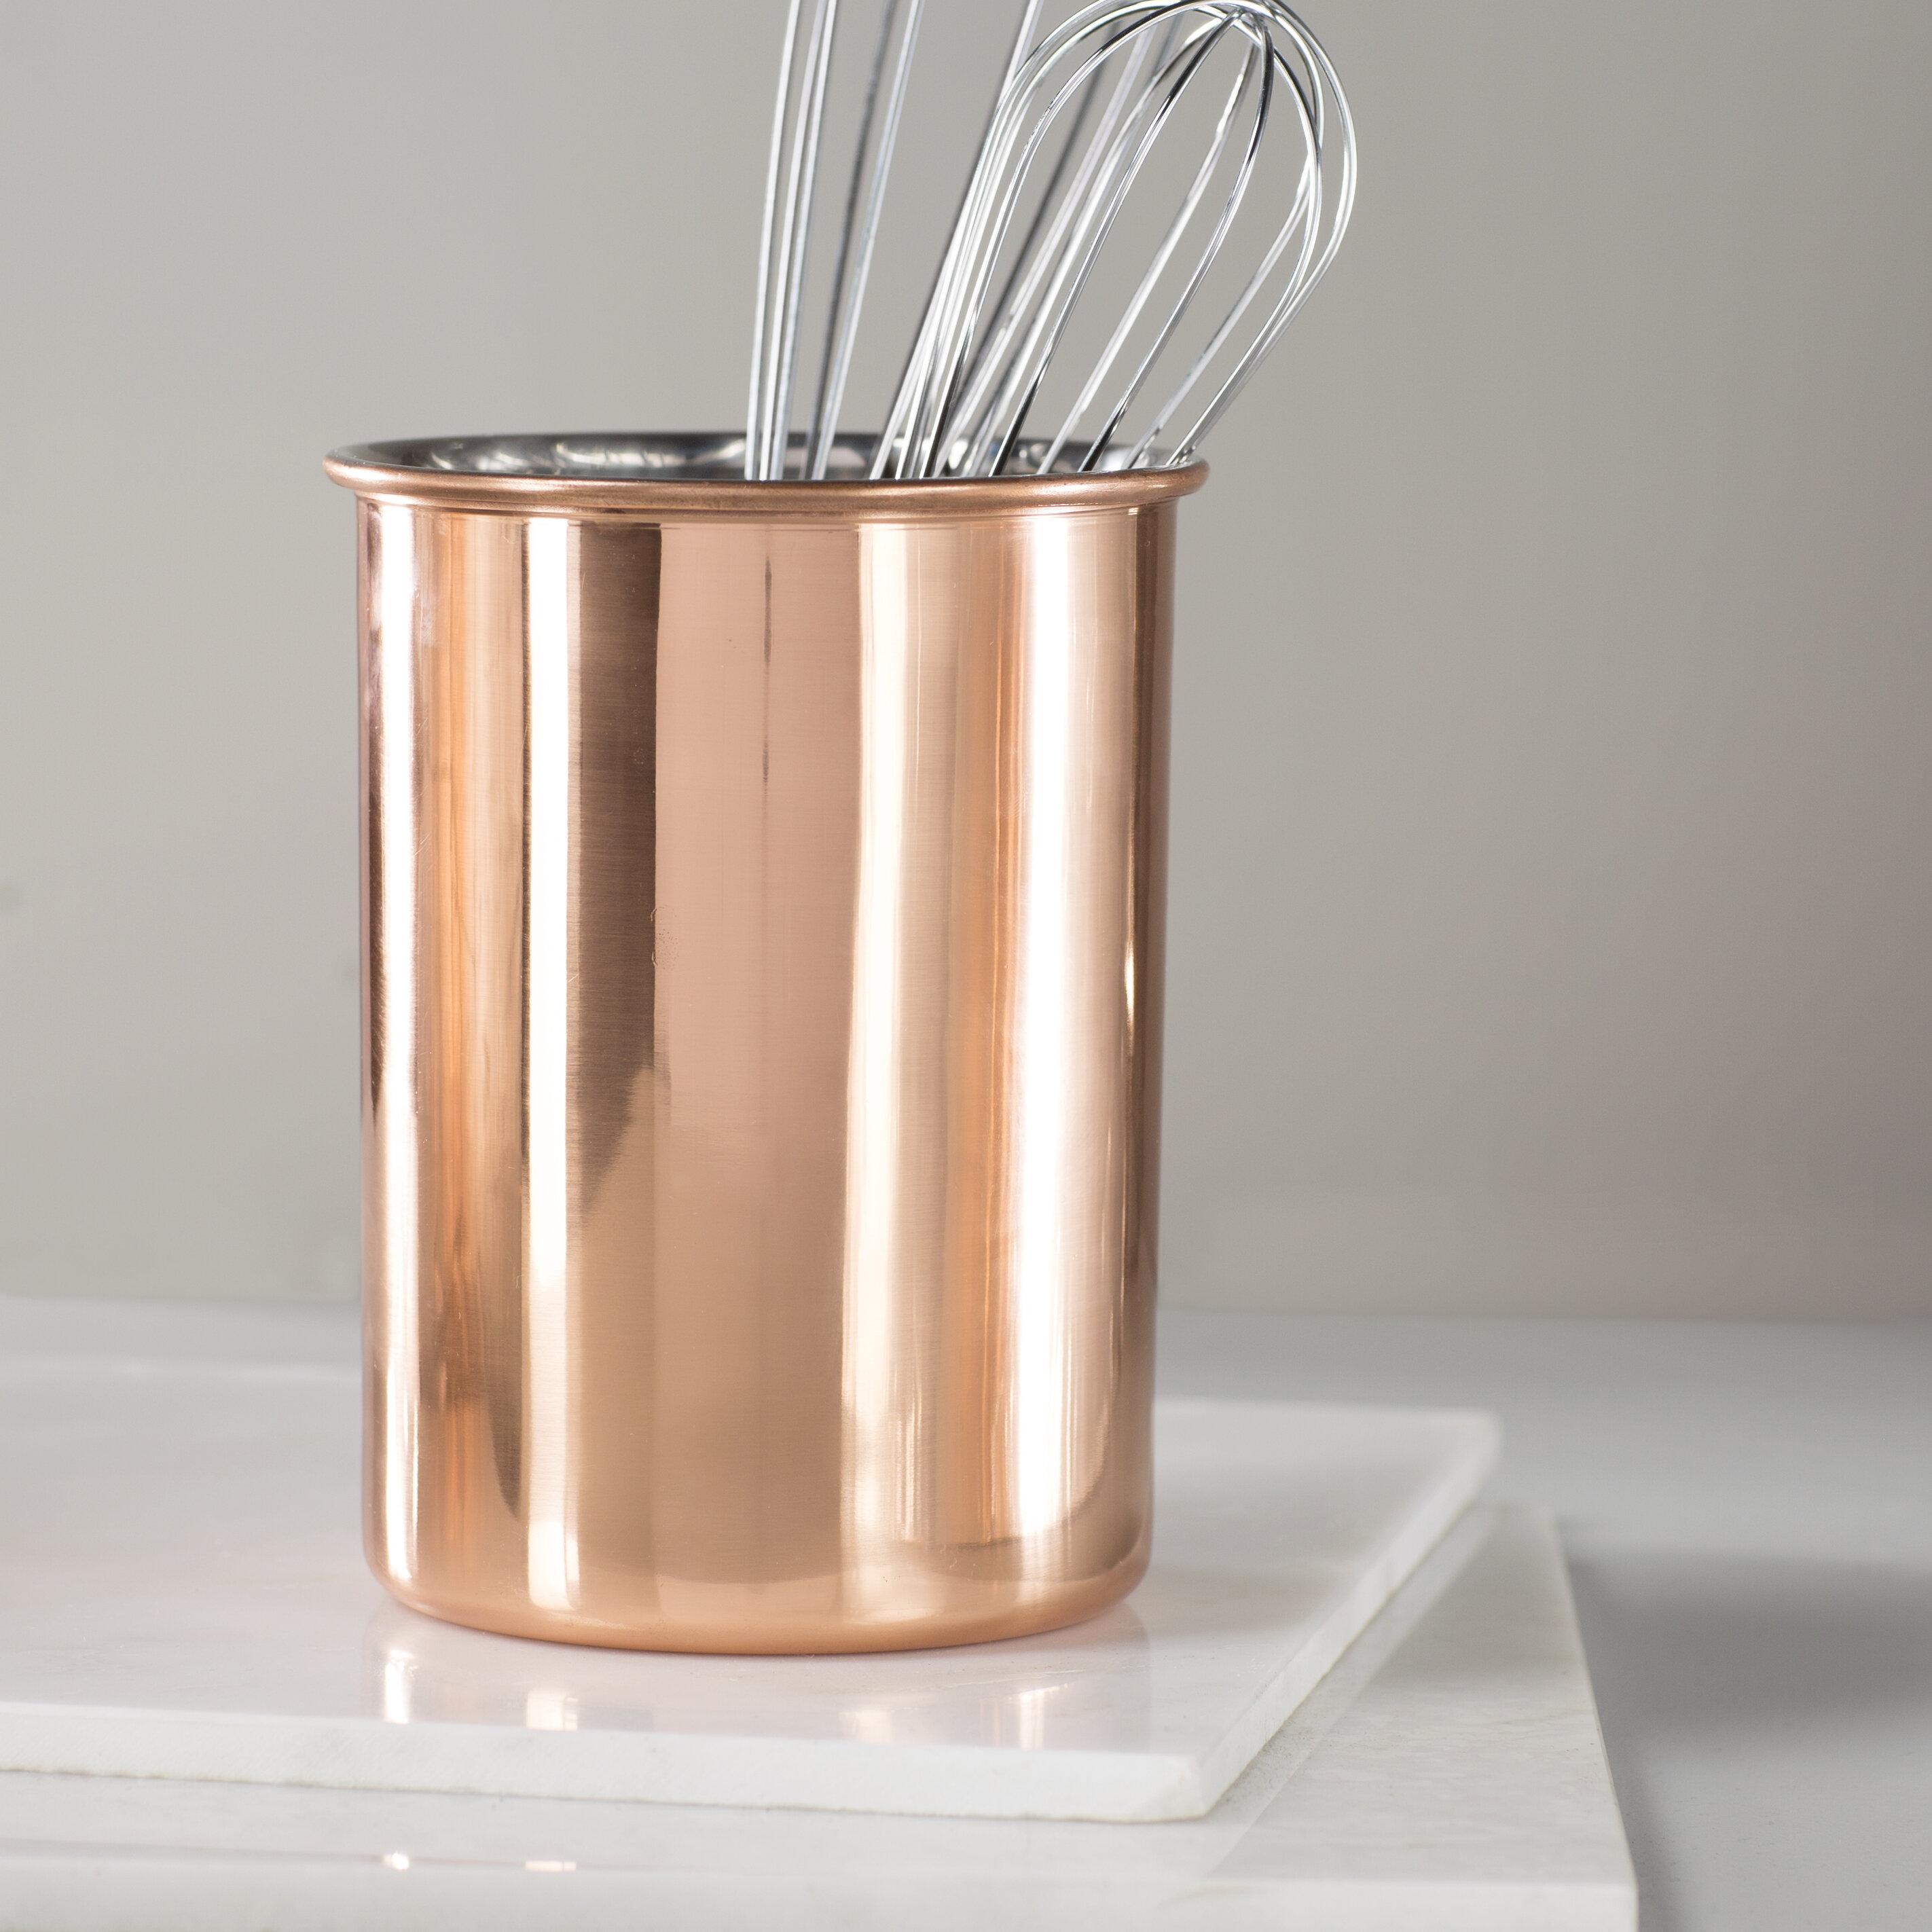 Ustensile Holder Silver Wire cuisine table de salle à manger Métal Rustique couverts Couverts